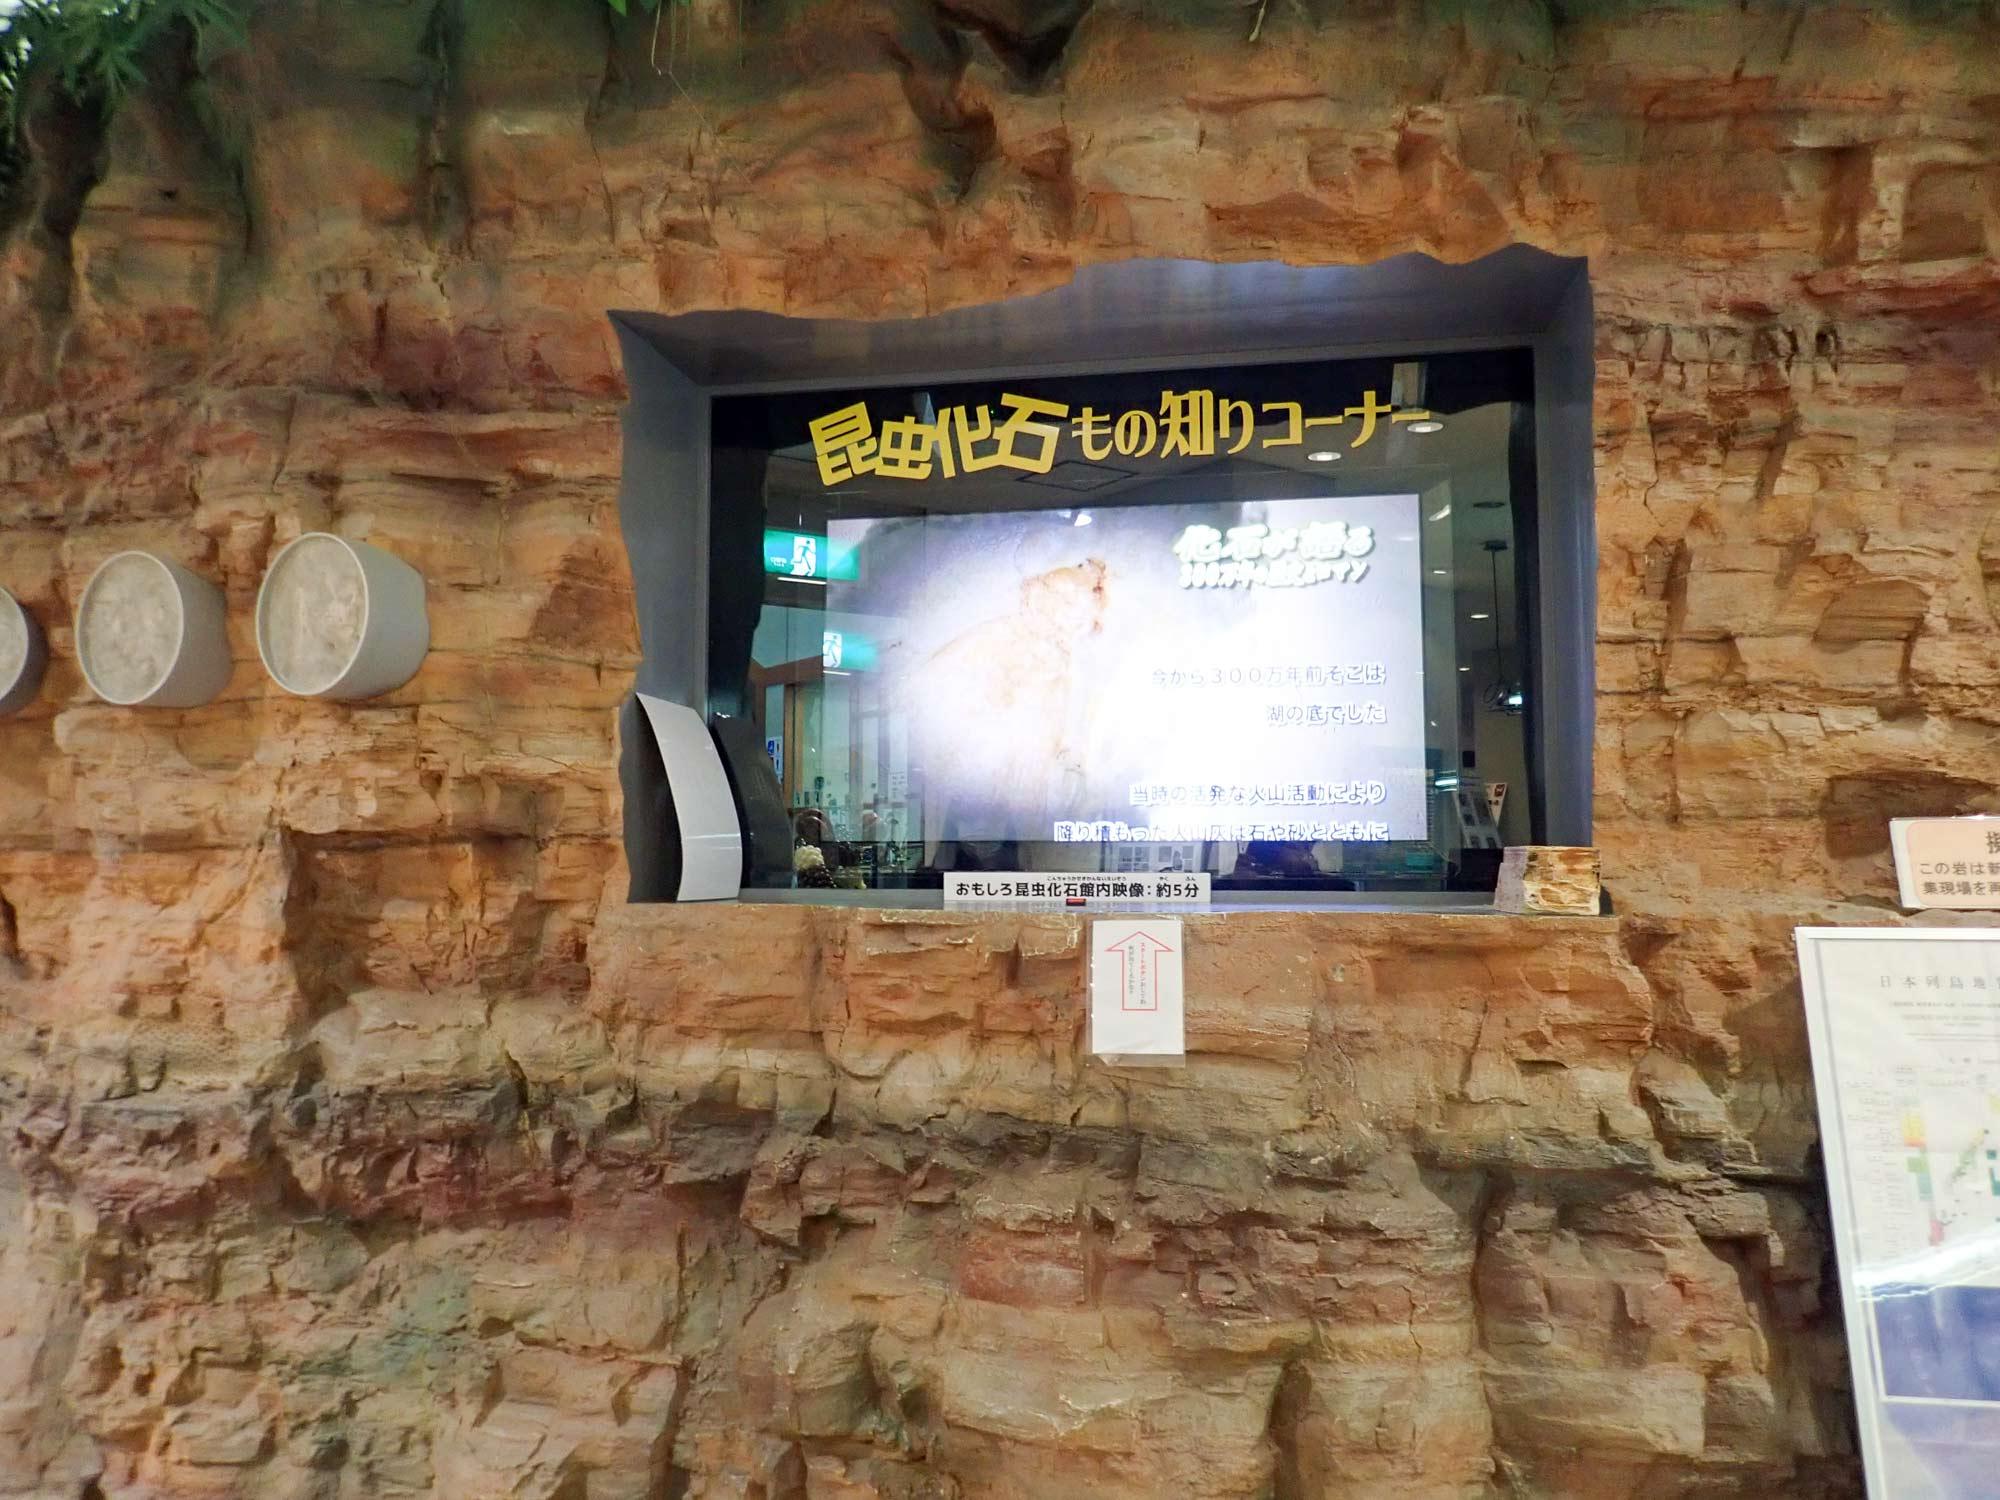 おもしろ昆虫化石館の写真